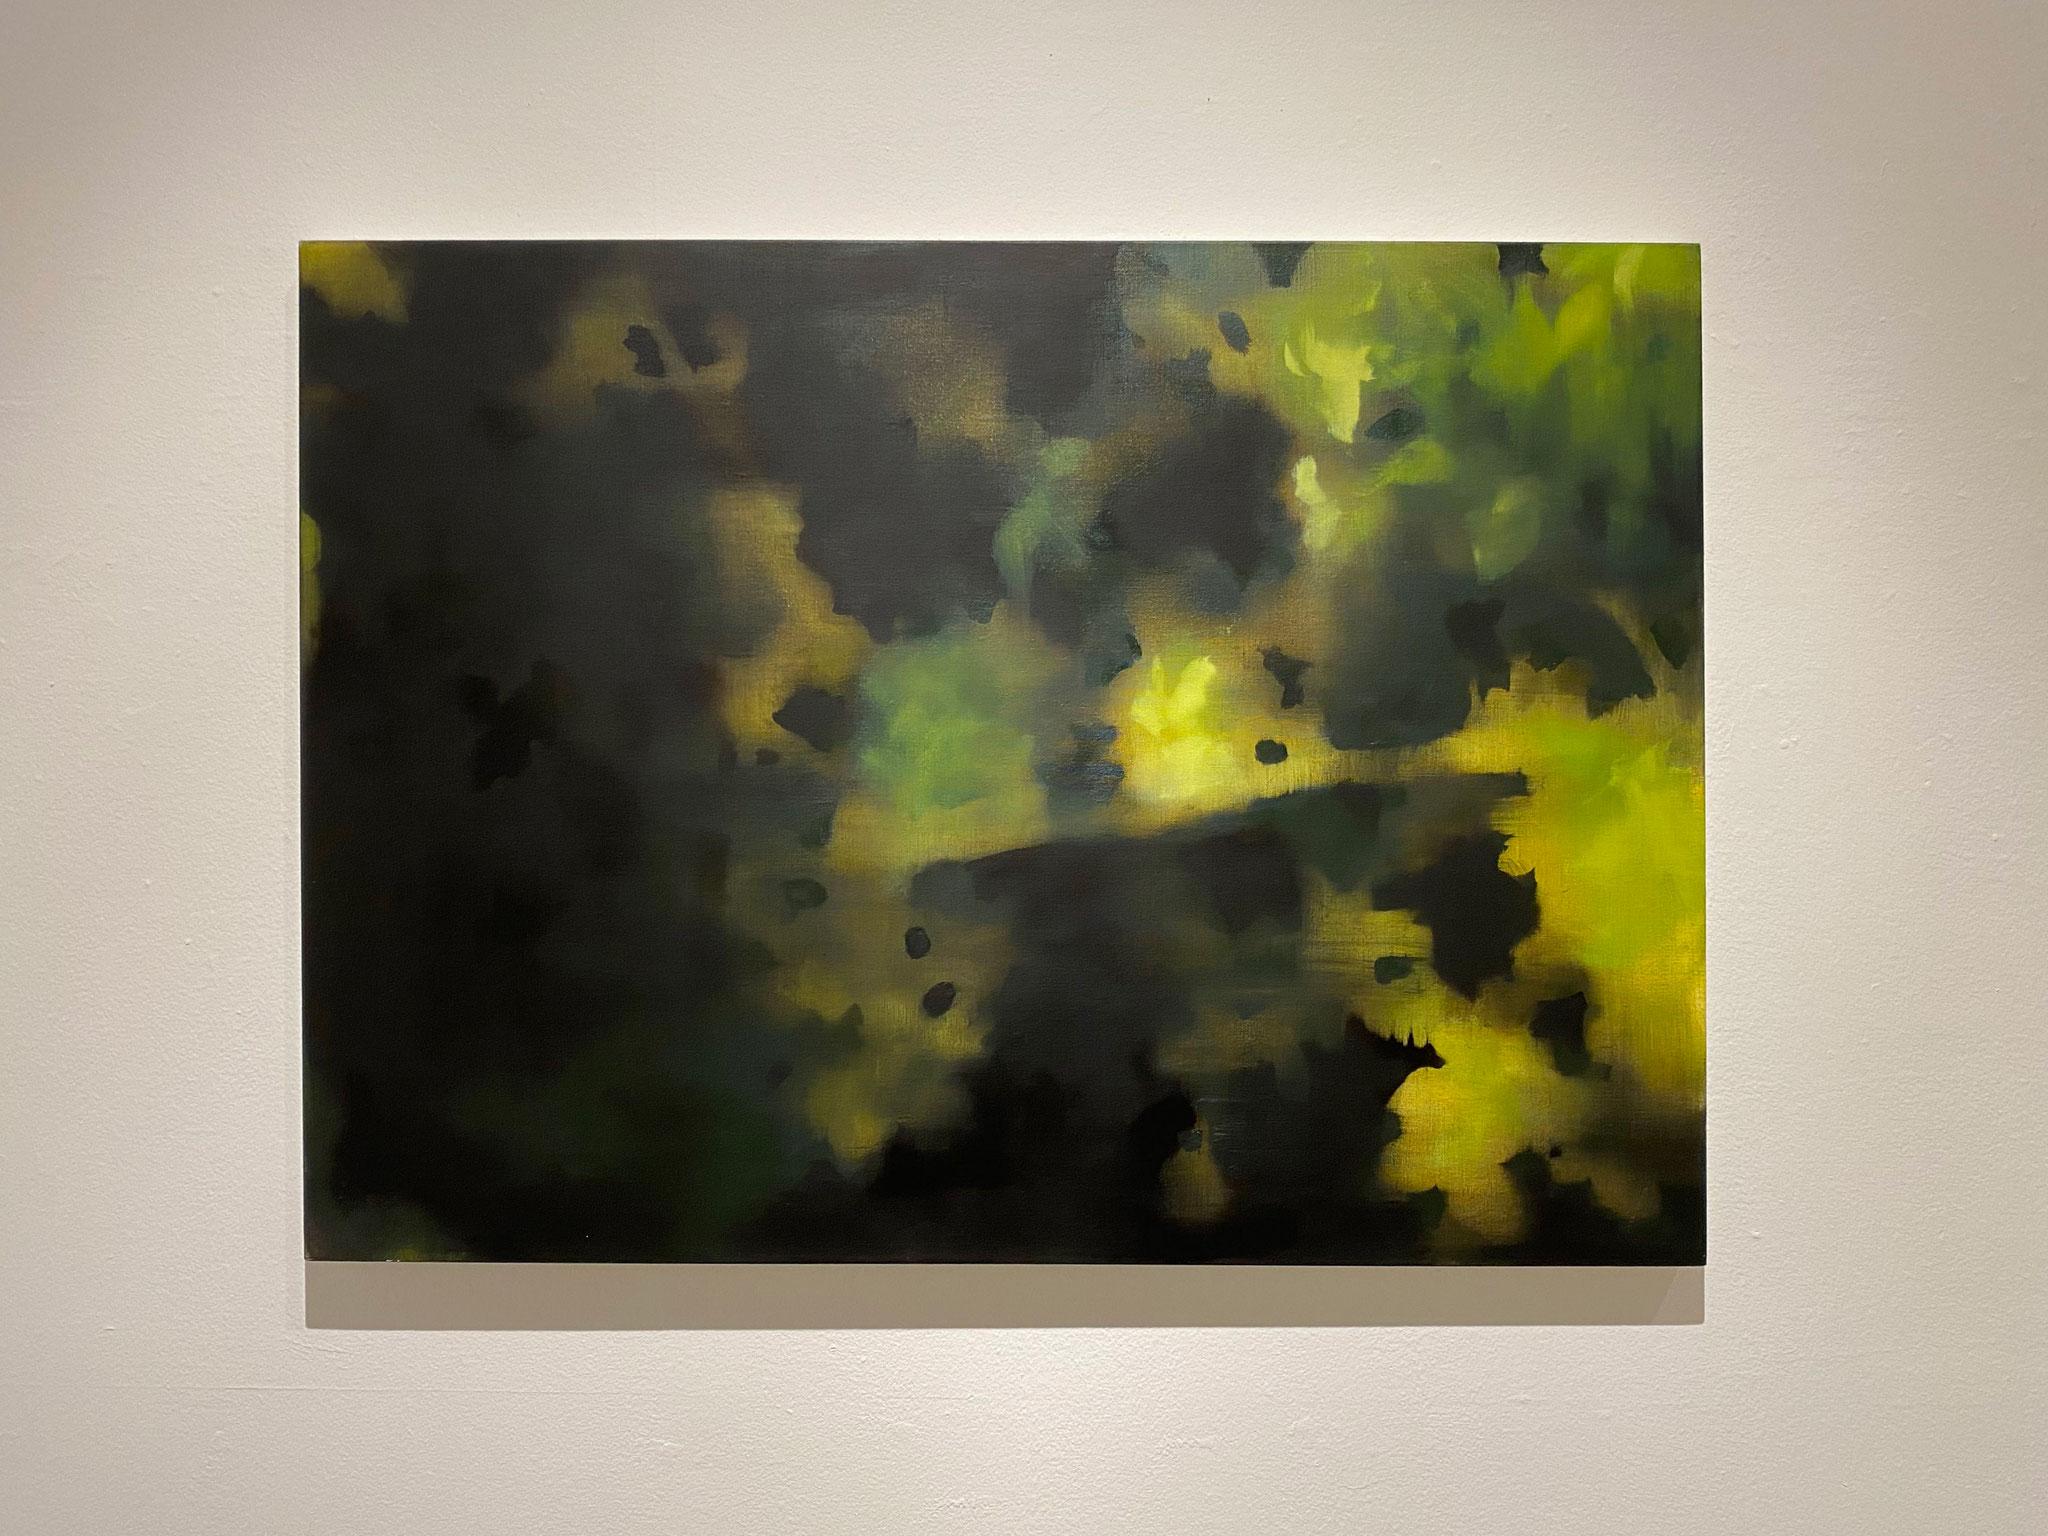 ここにあけにくゆる,652×910,キャンバス、油彩,2020